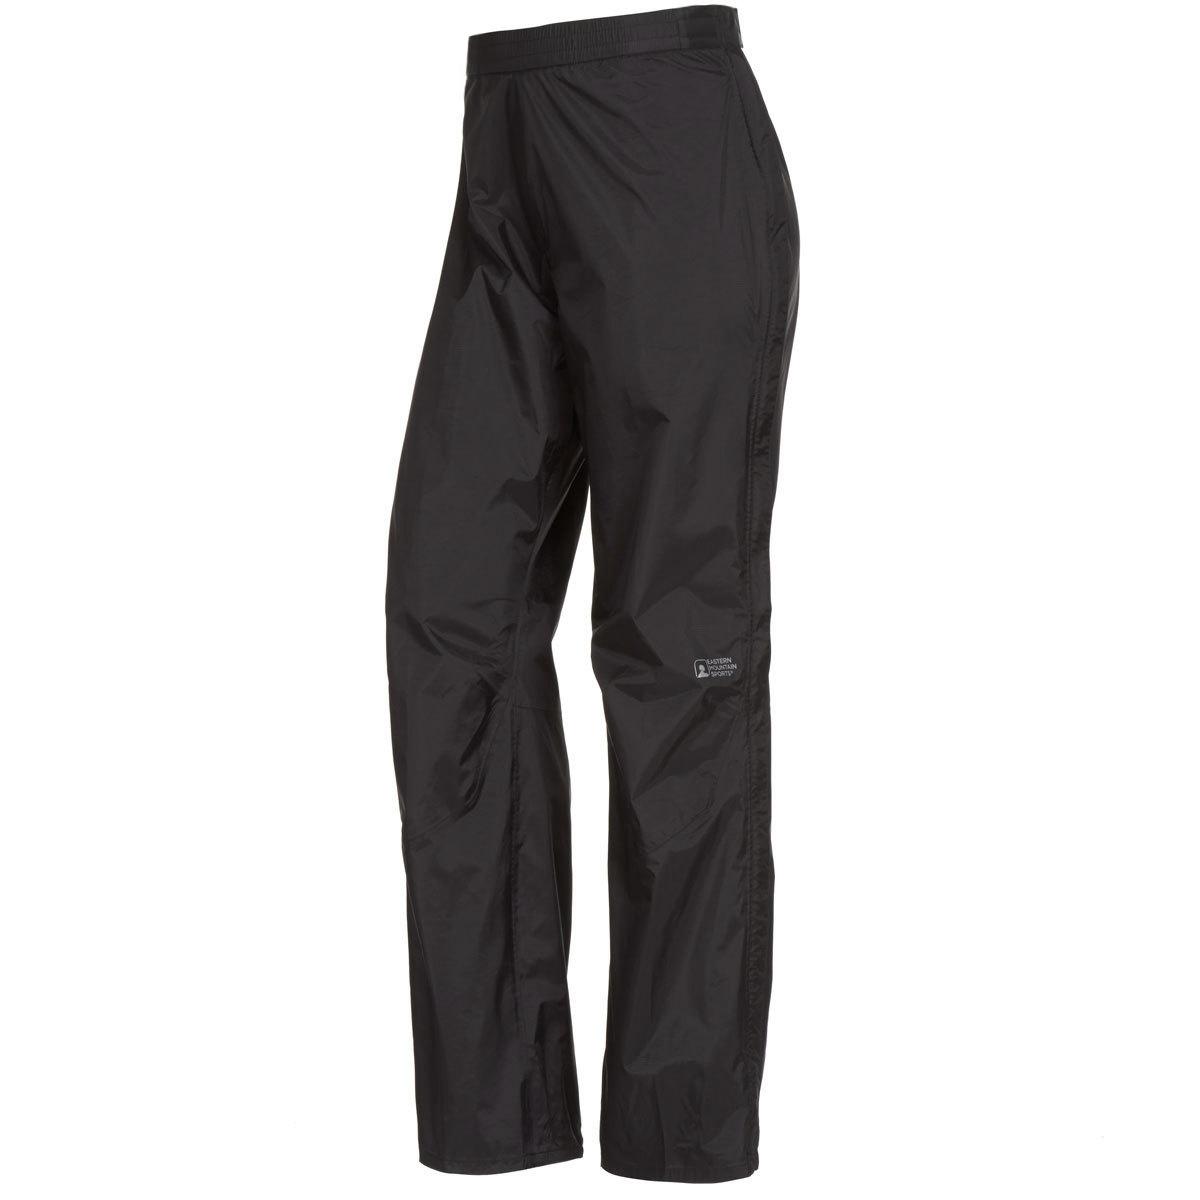 Ems Women's Thunderhead Full-Zip Rain Pants - Black, S/S